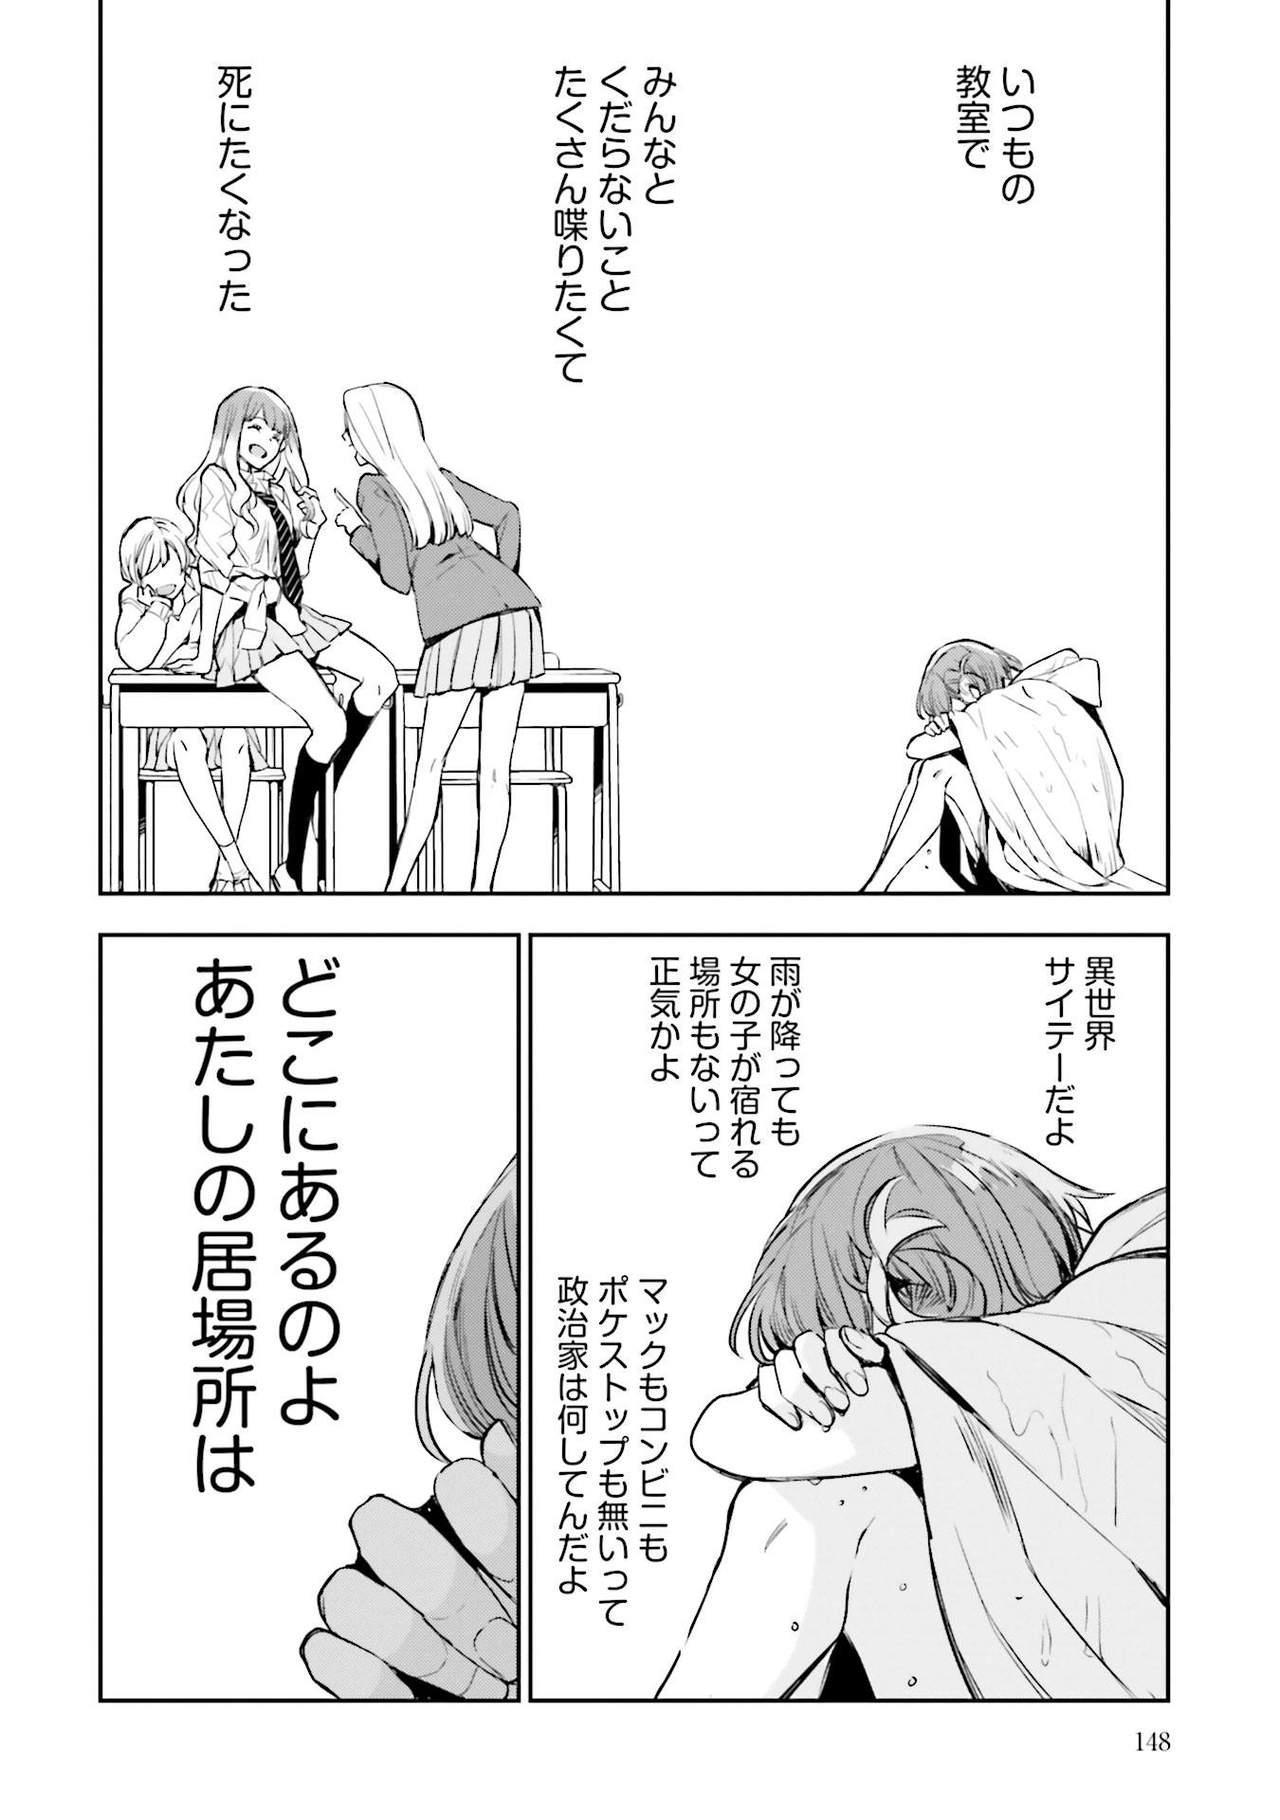 JK Haru wa Isekai de Shoufu ni Natta 1-14 336